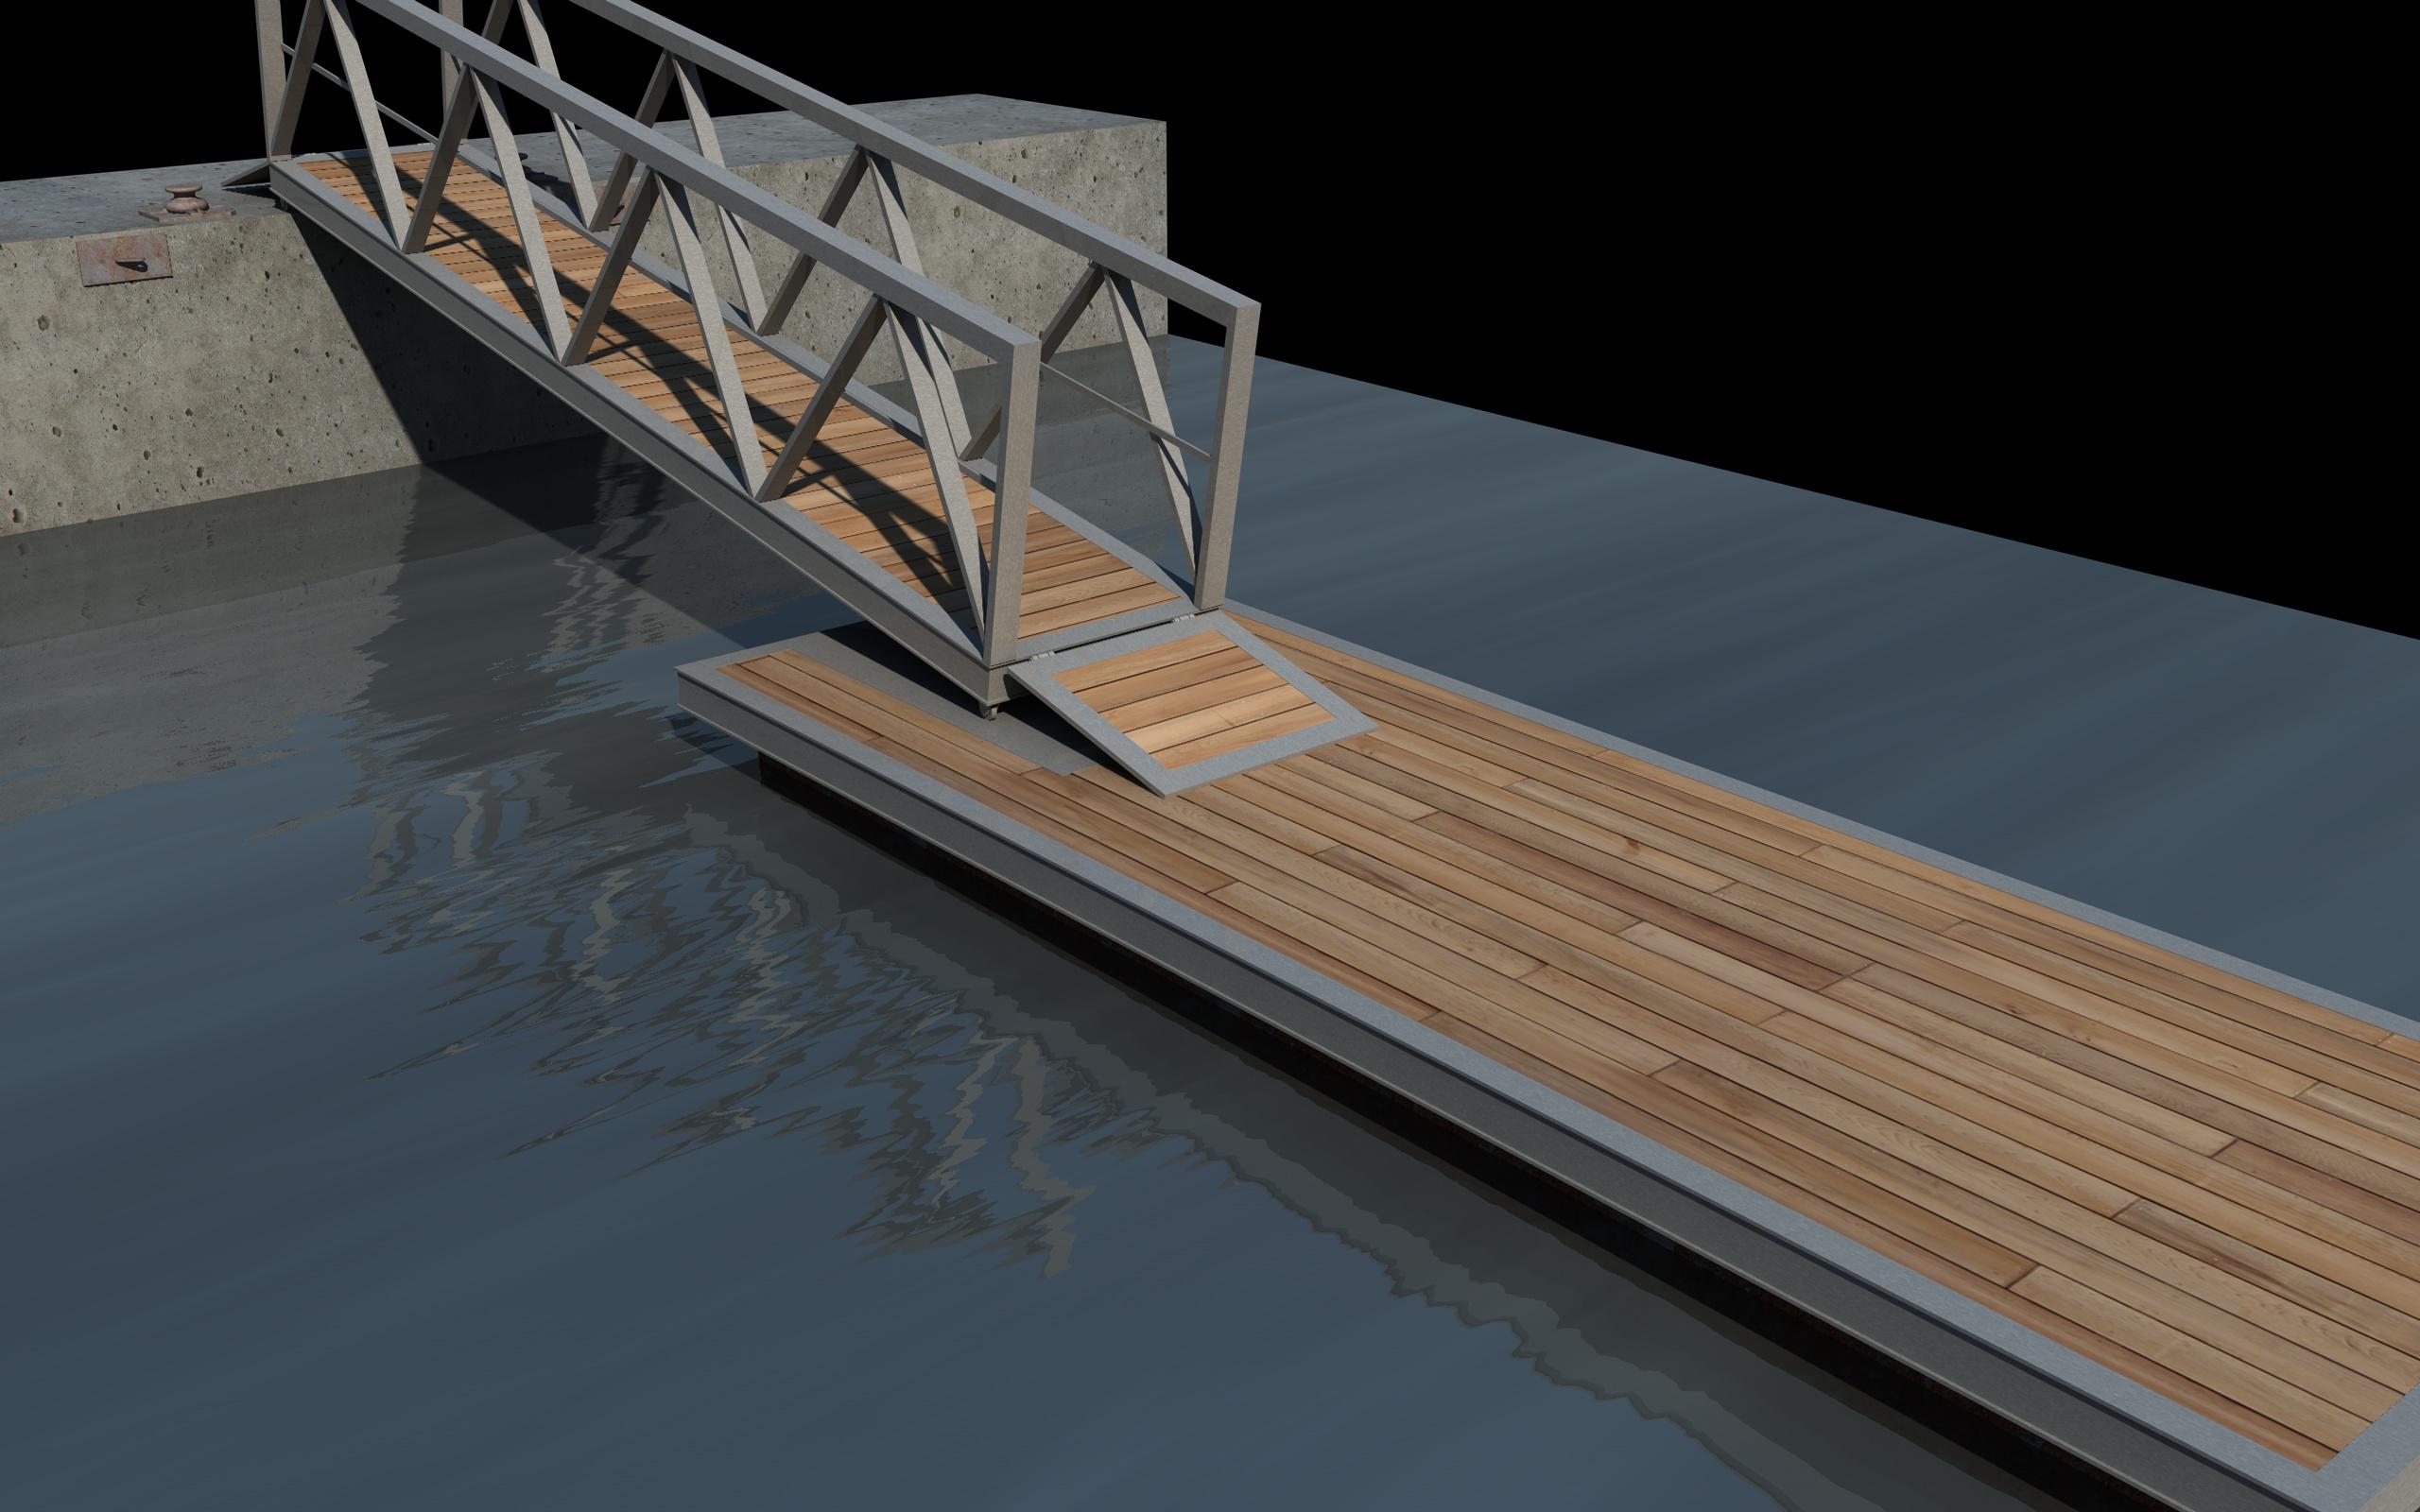 laivu piestātnes dokstacija 3d modelis 3ds dxf fbx c4d skp obj 148406